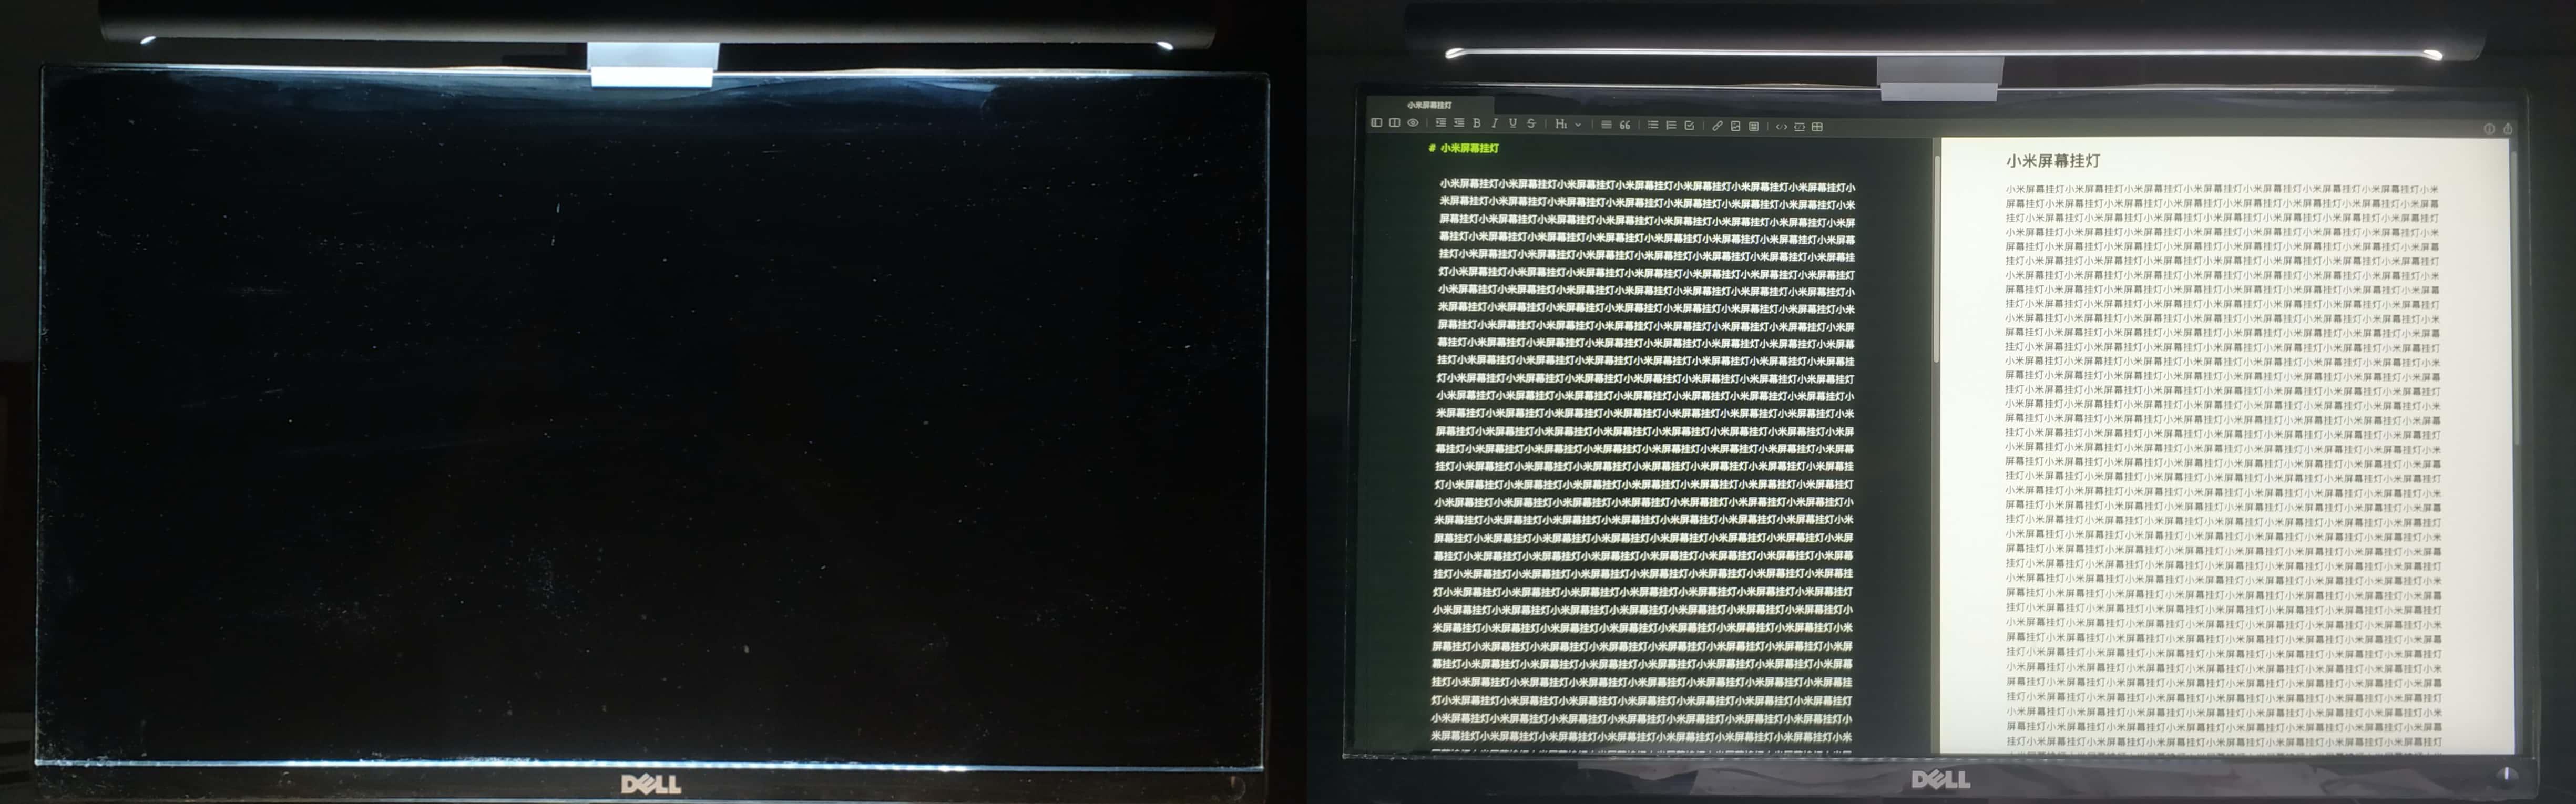 21.5寸镜面屏